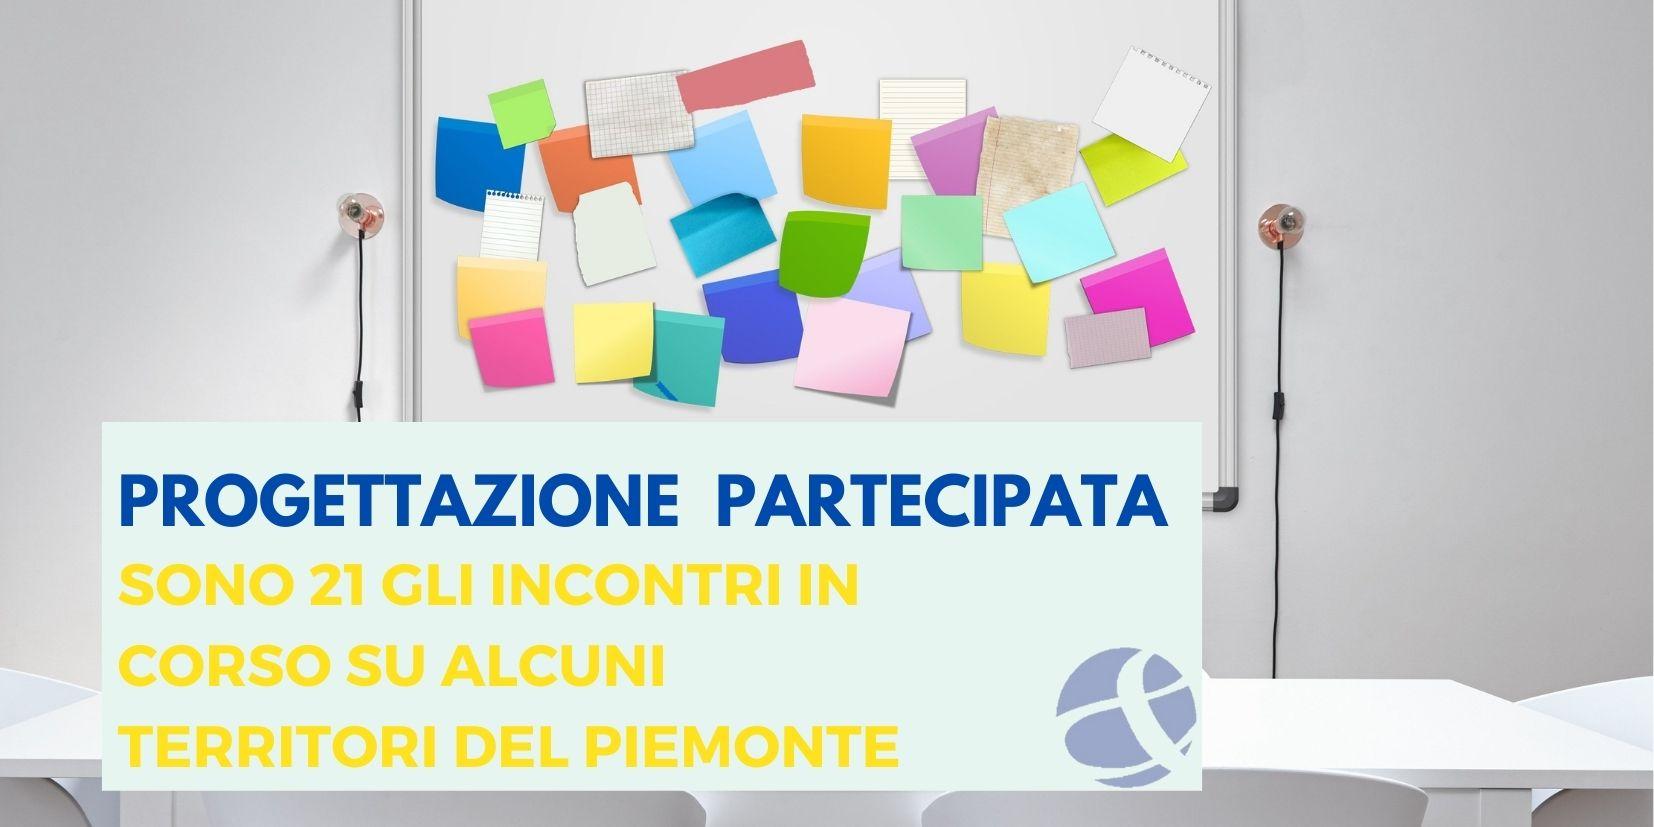 Progettazione partecipata nei Distretti del Commercio del Piemonte